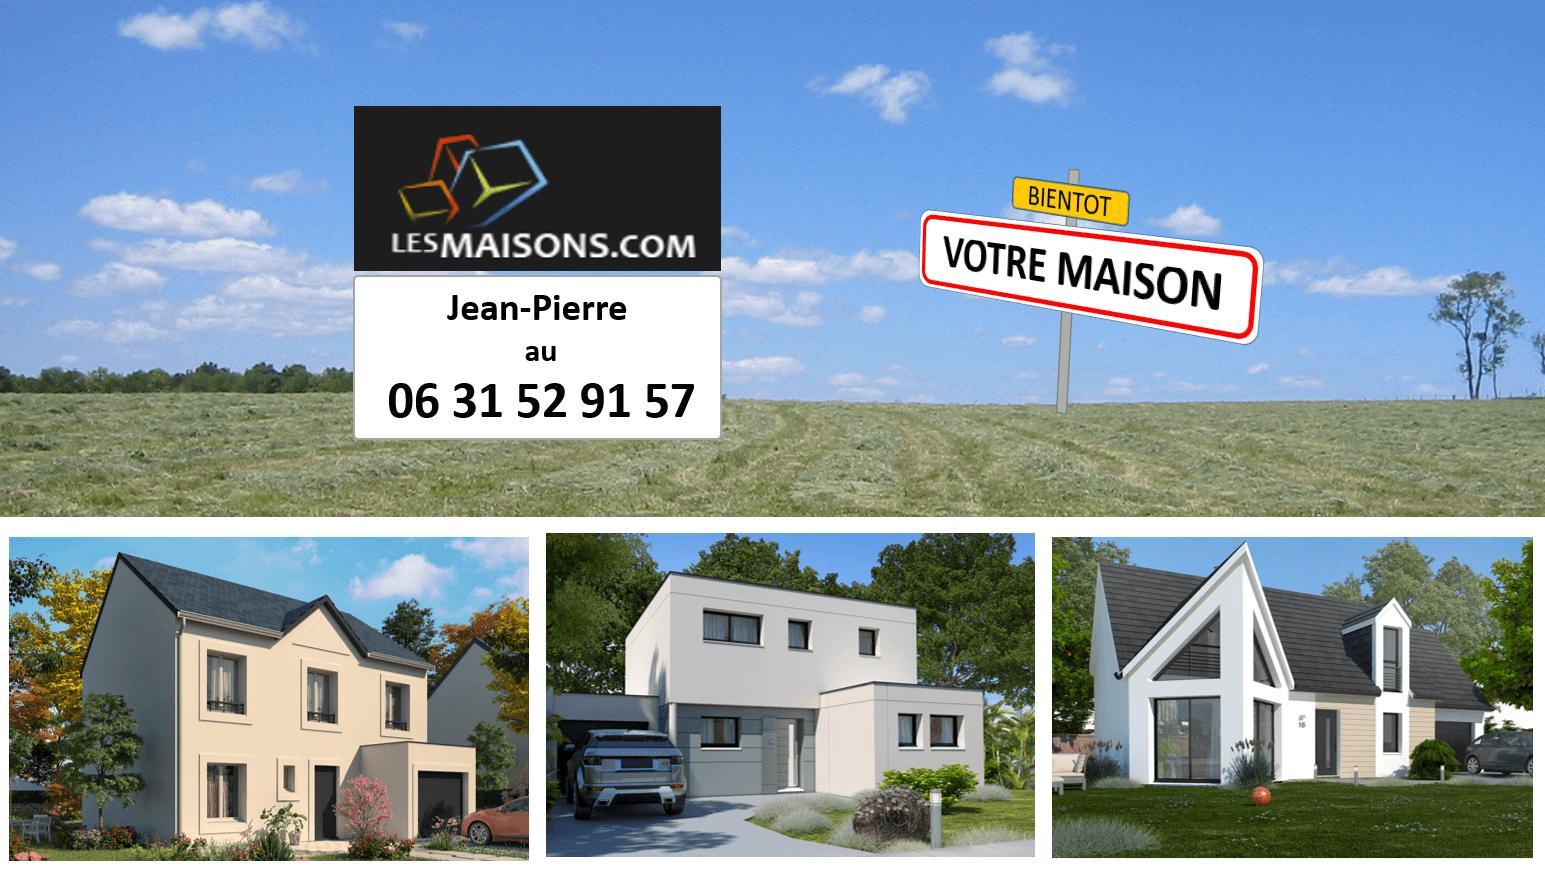 Terrains du constructeur LES MAISONS.COM LA VILLE DU BOIS • 332 m² • SAINT VRAIN